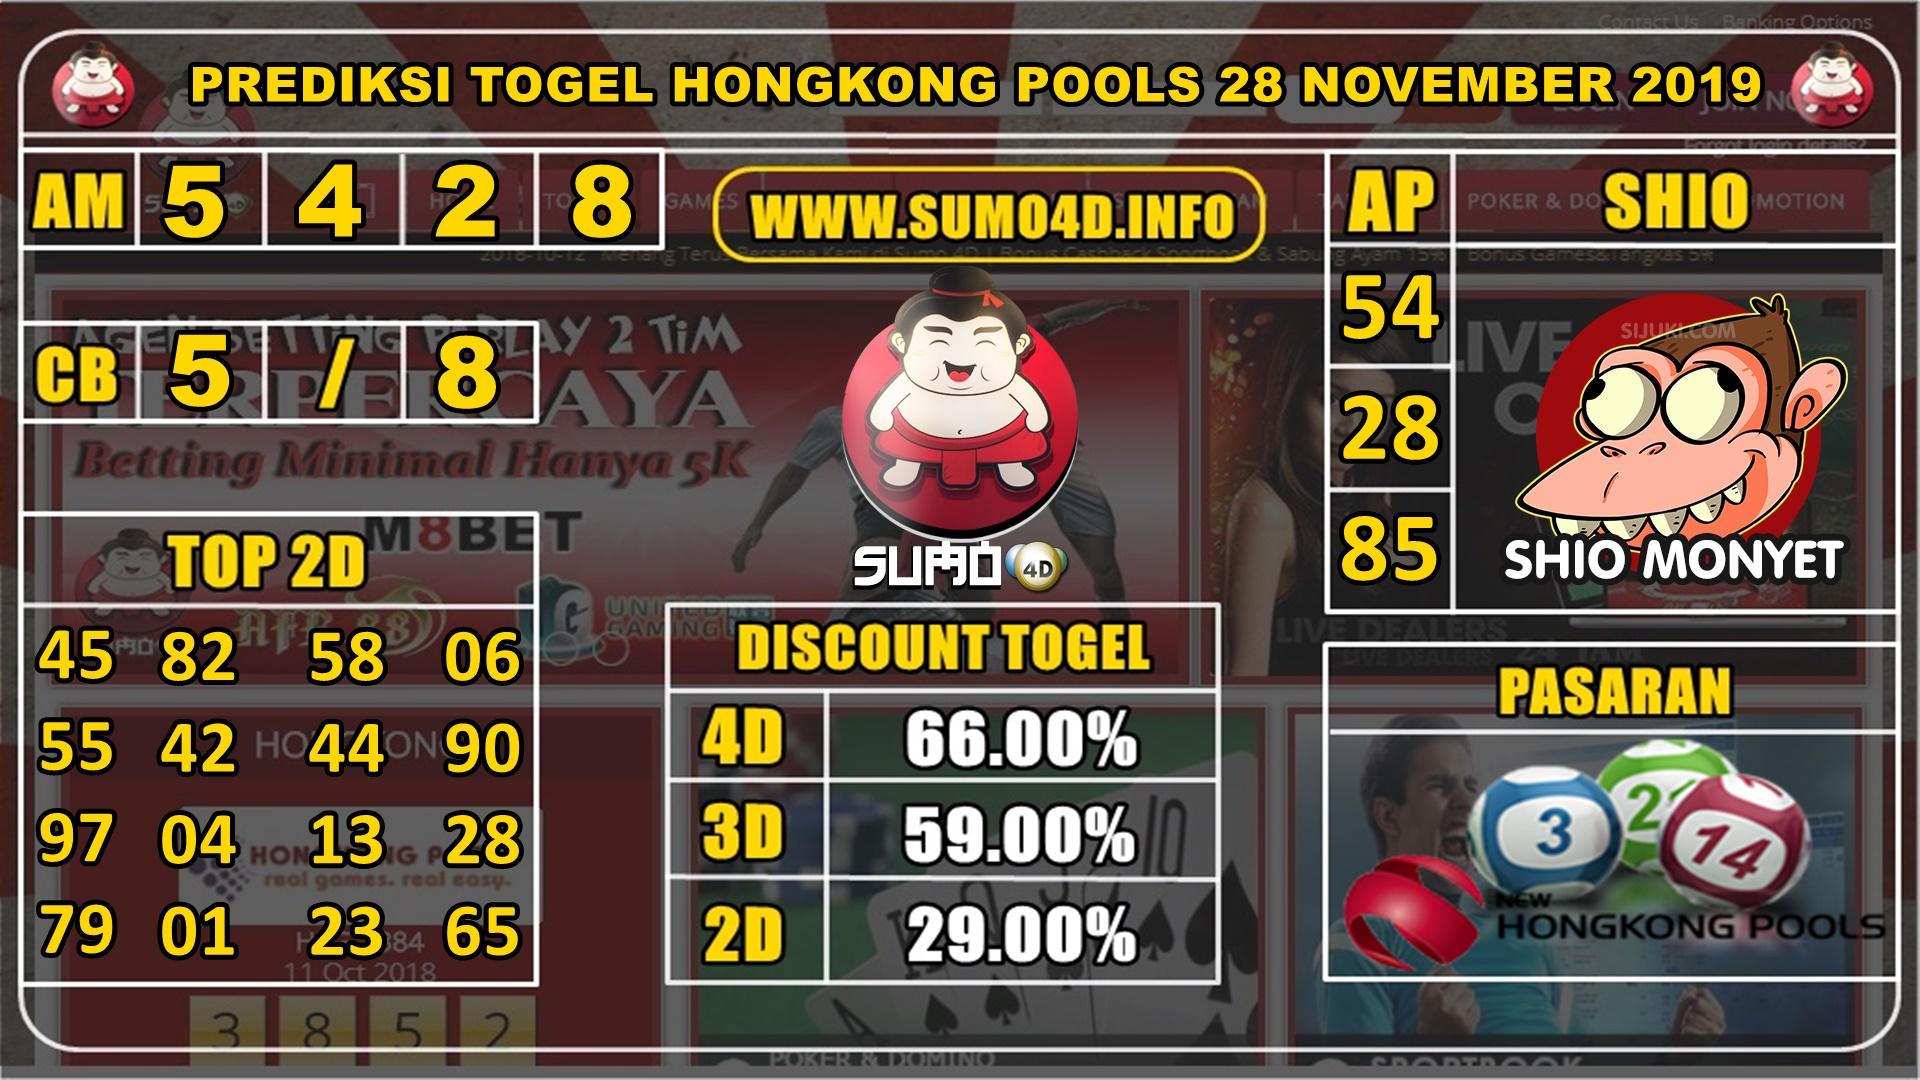 PREDIKSI TOGEL HONGKONG POOLS 28 NOVEMBER 2019